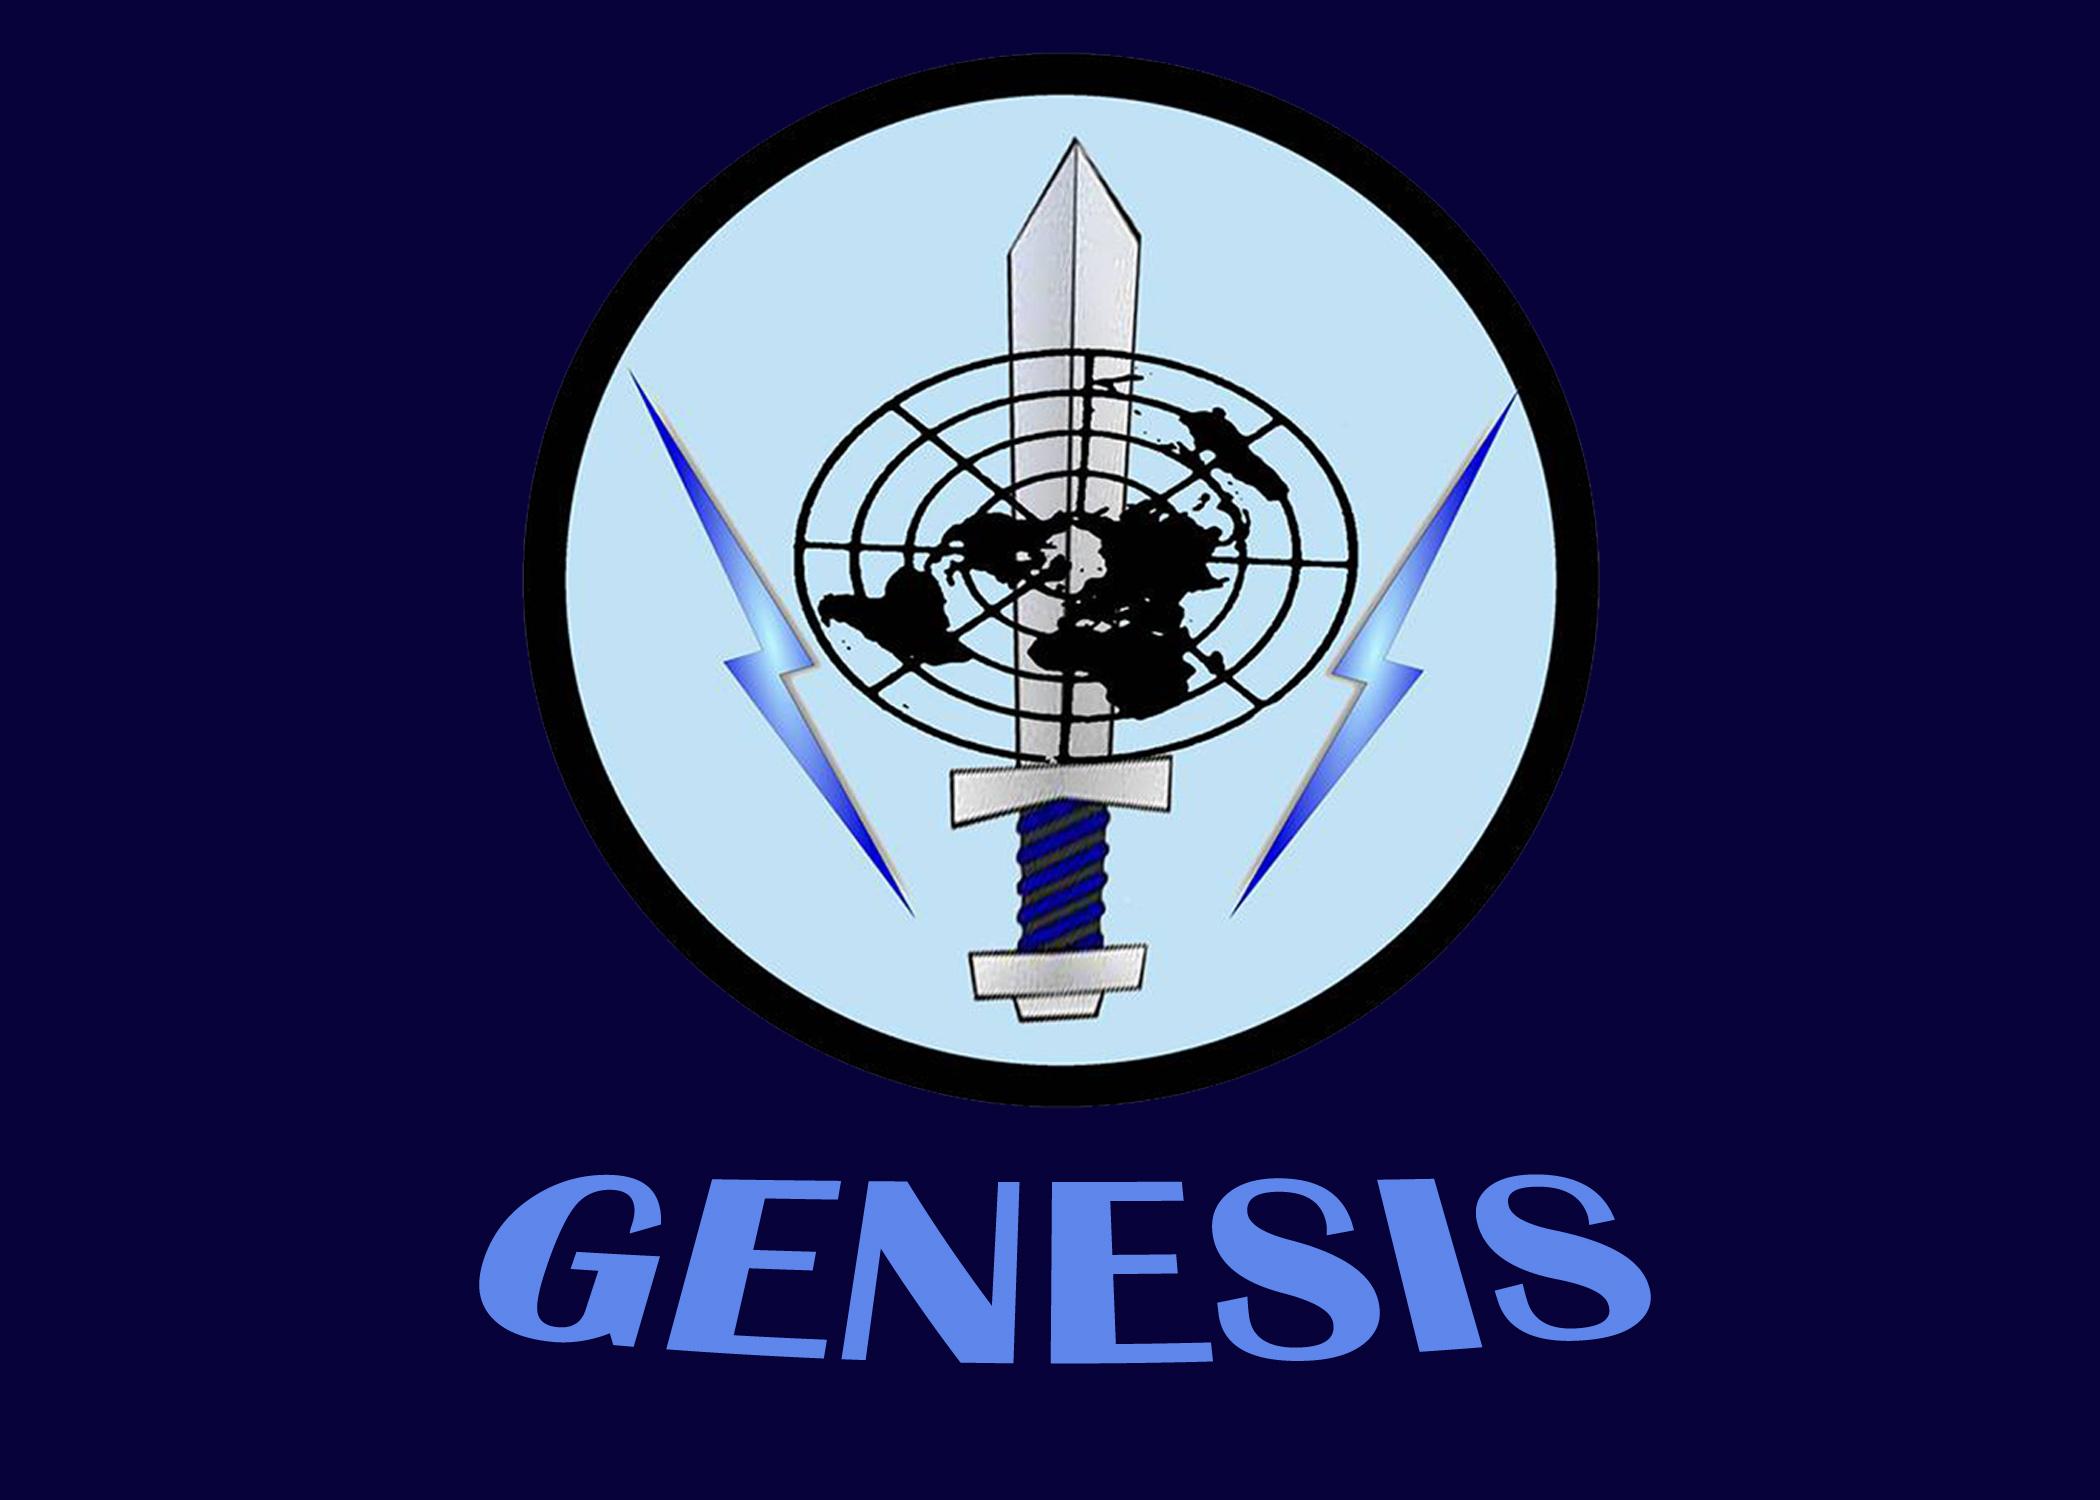 GENESIS POSTER 2